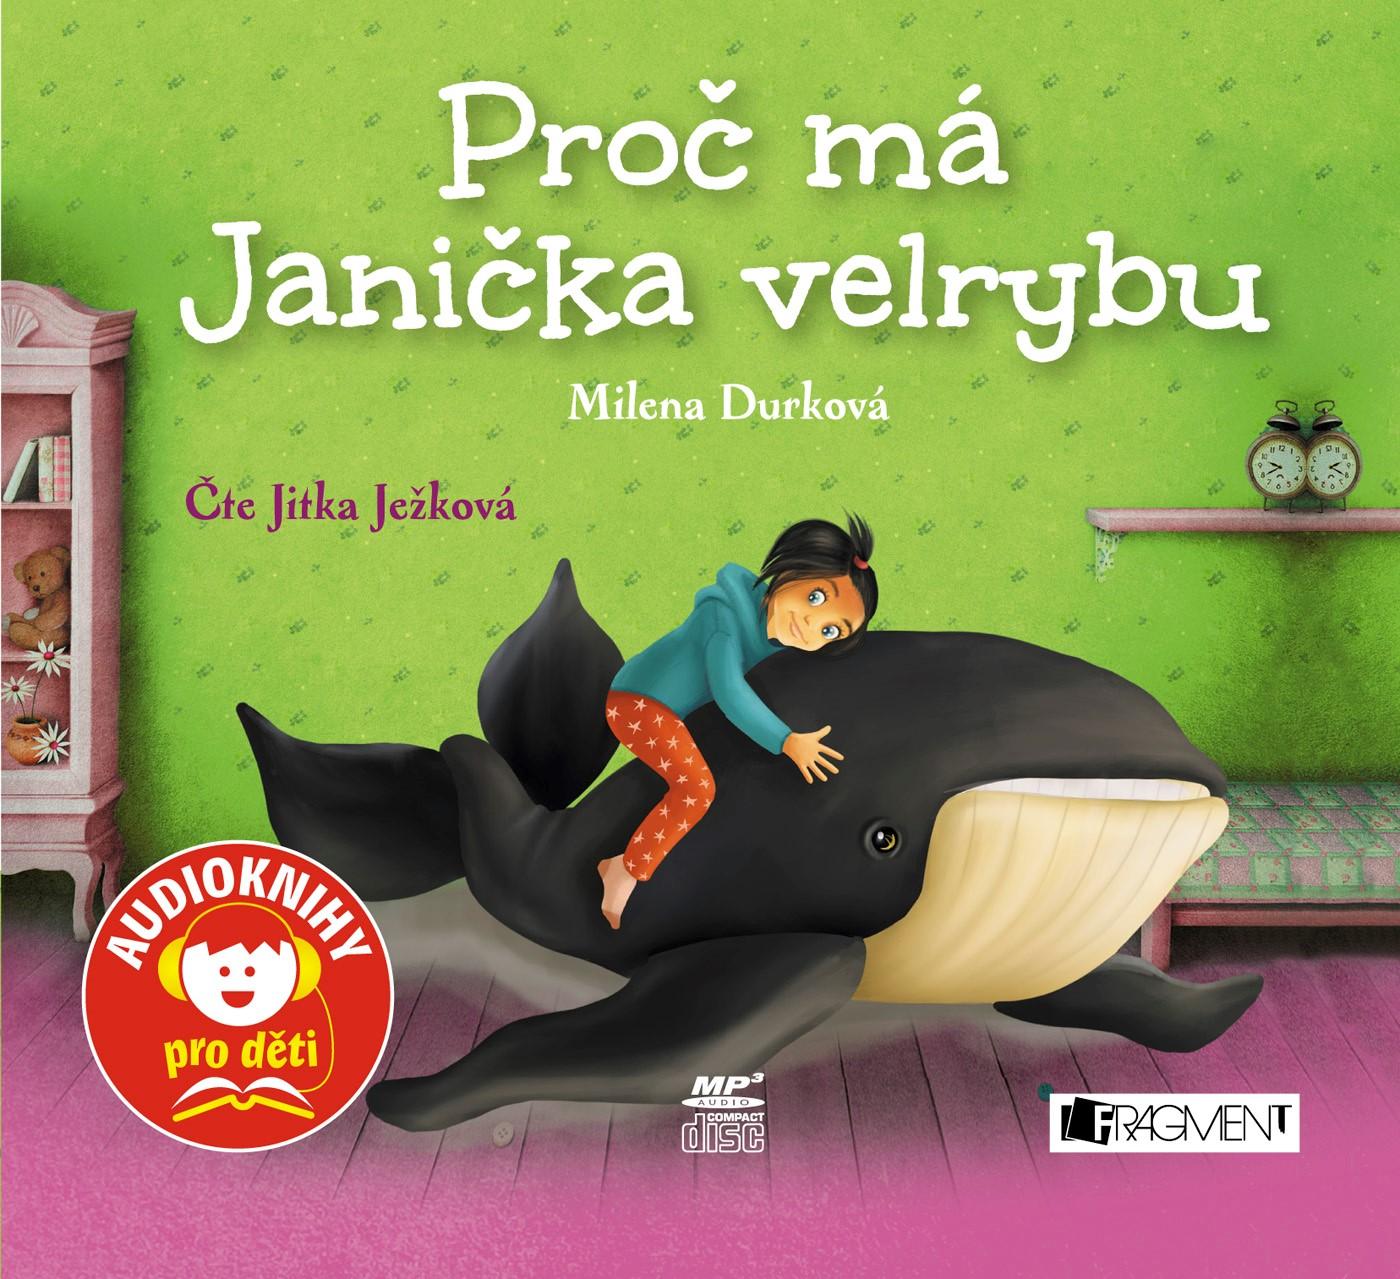 Proč má Janička velrybu (audiokniha pro děti) | Milena Durková